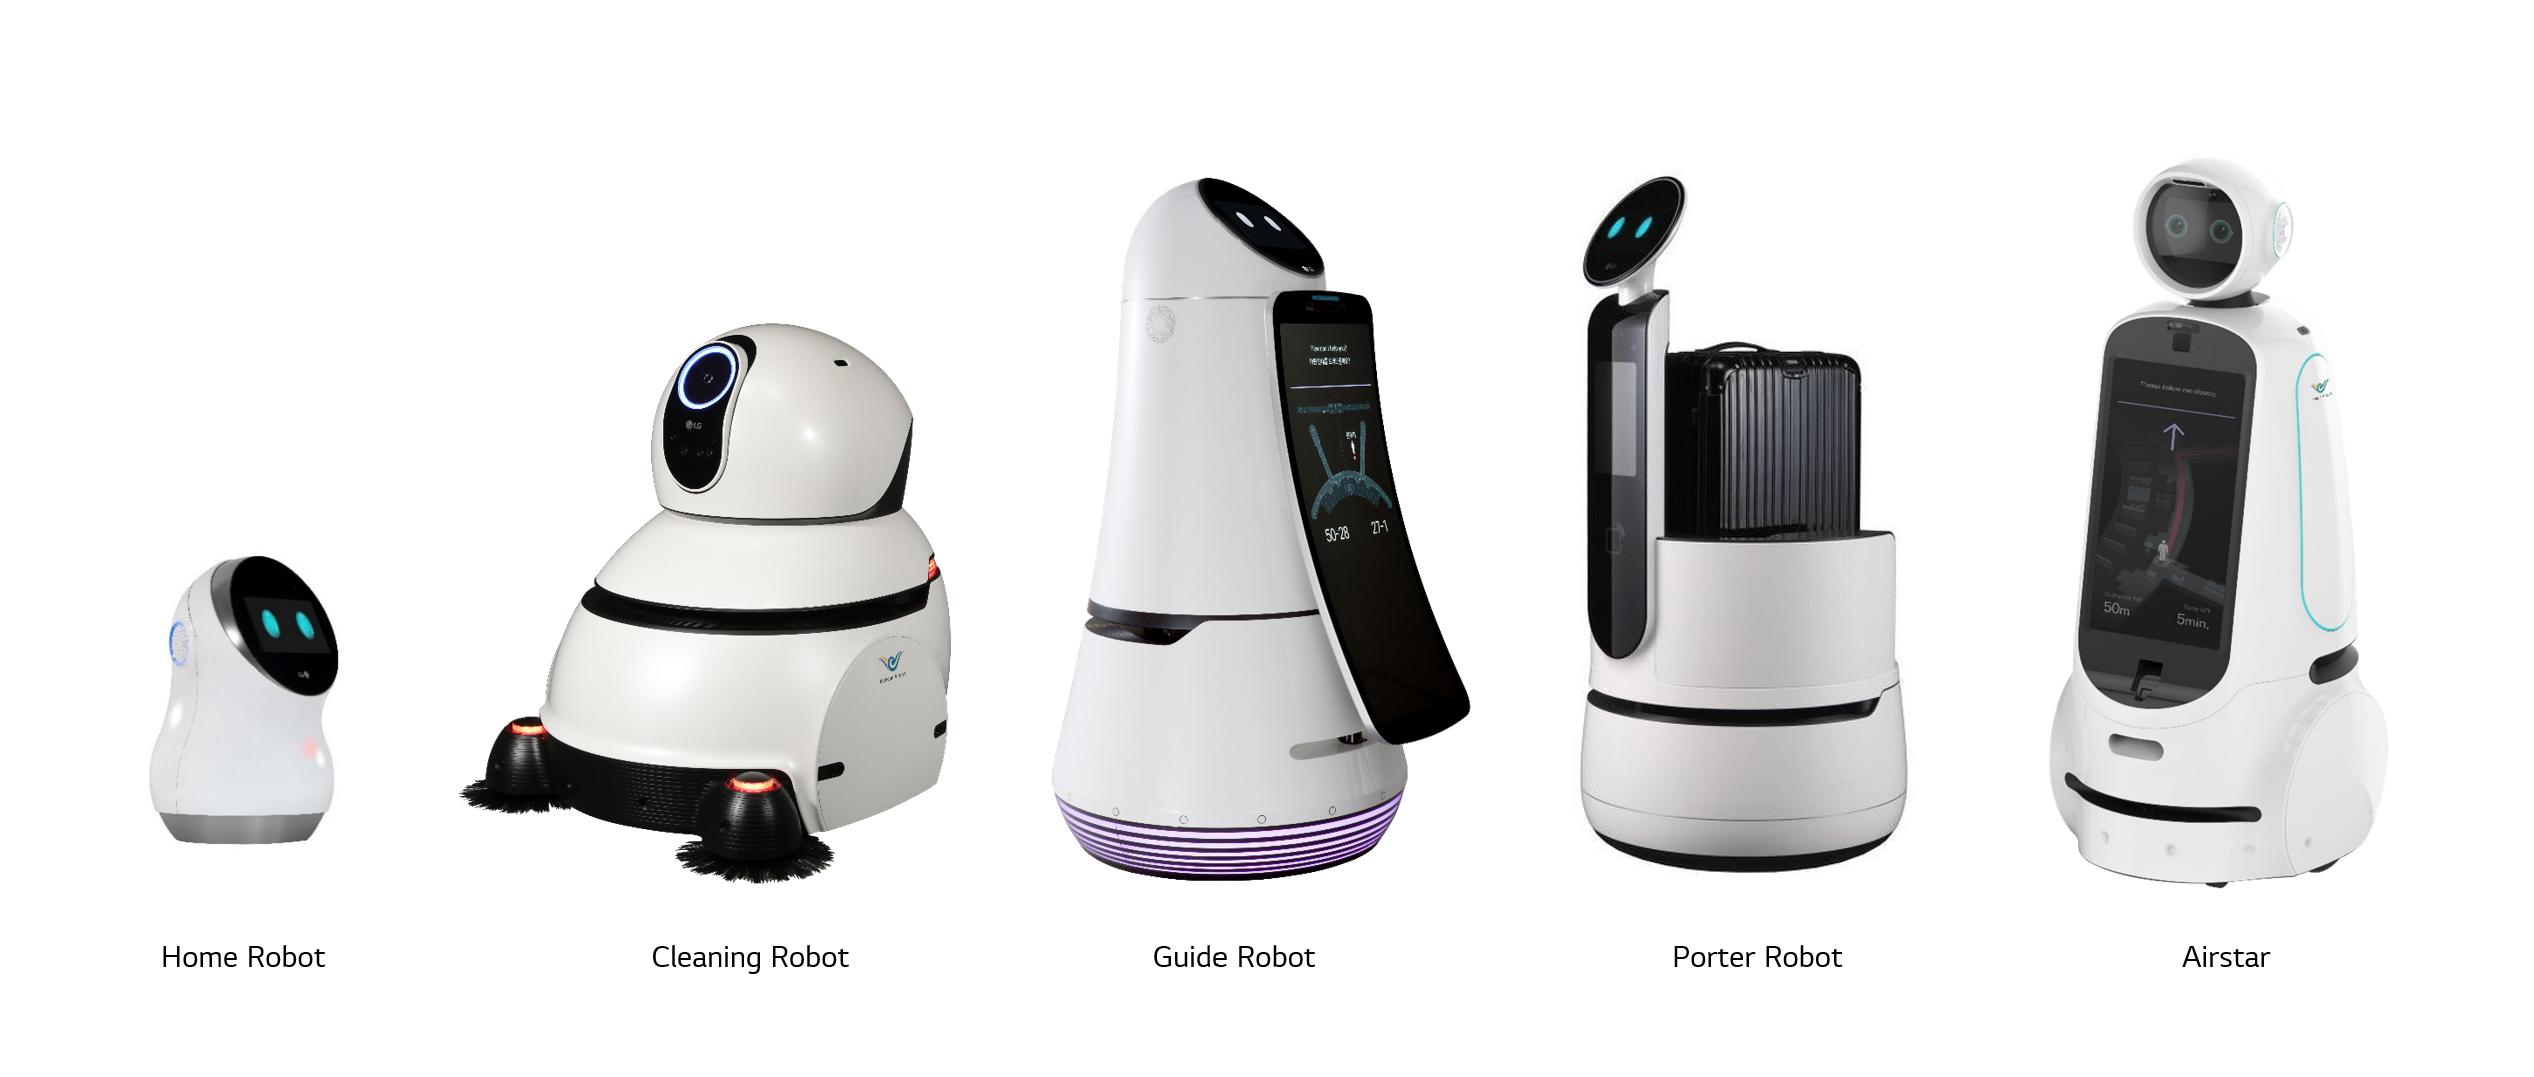 'LG 클로이' 로봇 제품군